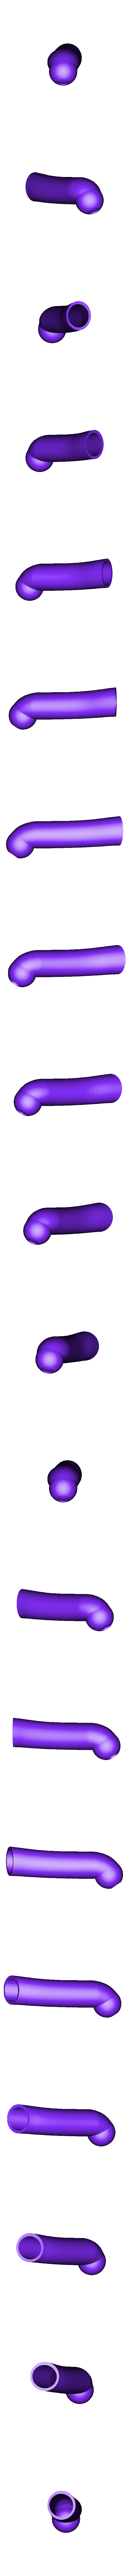 4_migizyowan_right upper arm_rev1.stl Télécharger fichier STL gratuit Poupée de 52 cm 1/3 à joint magnétique, style Kasca • Design imprimable en 3D, all-kasca